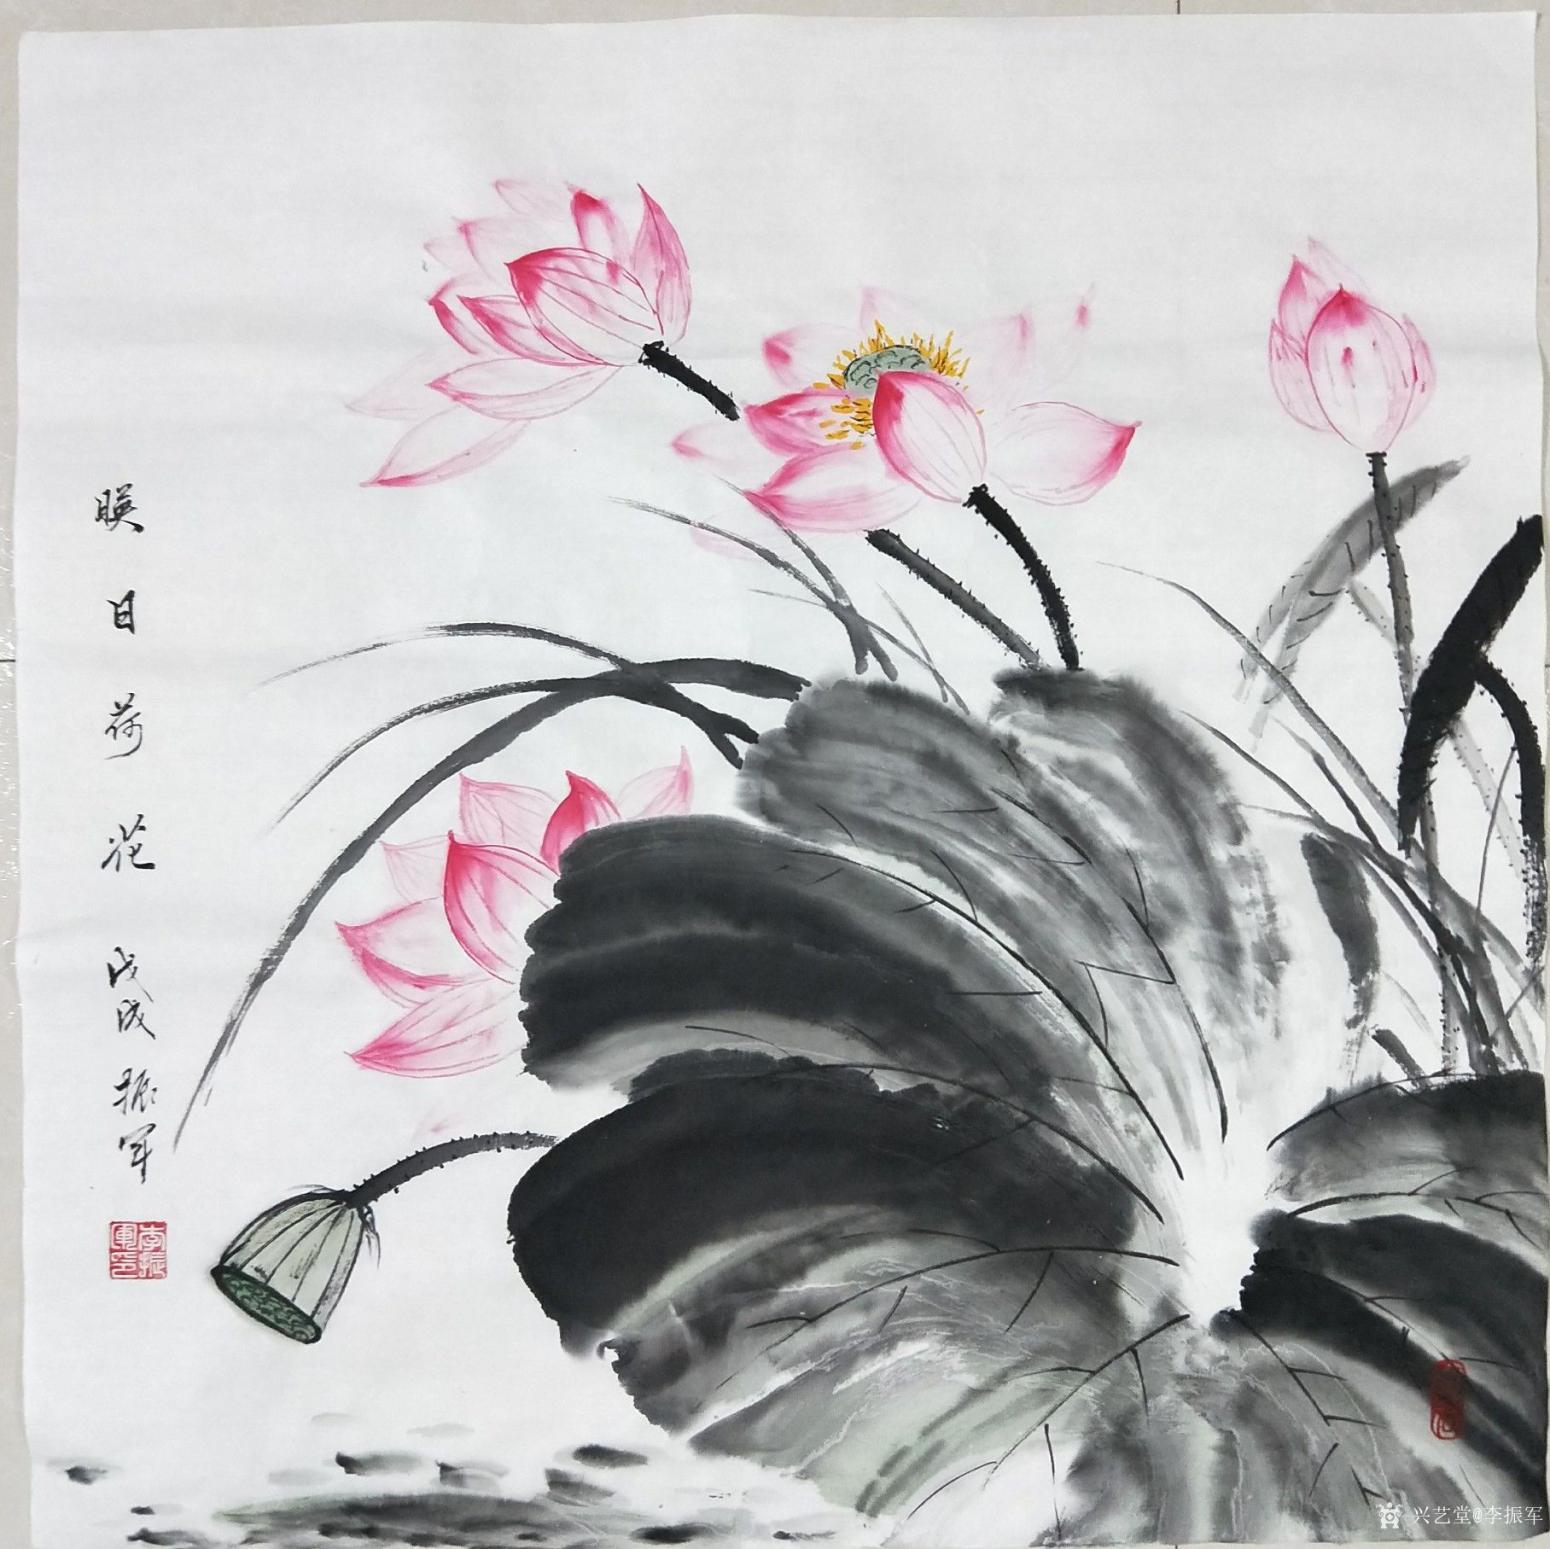 李振军国画作品《映日荷花》【图0】